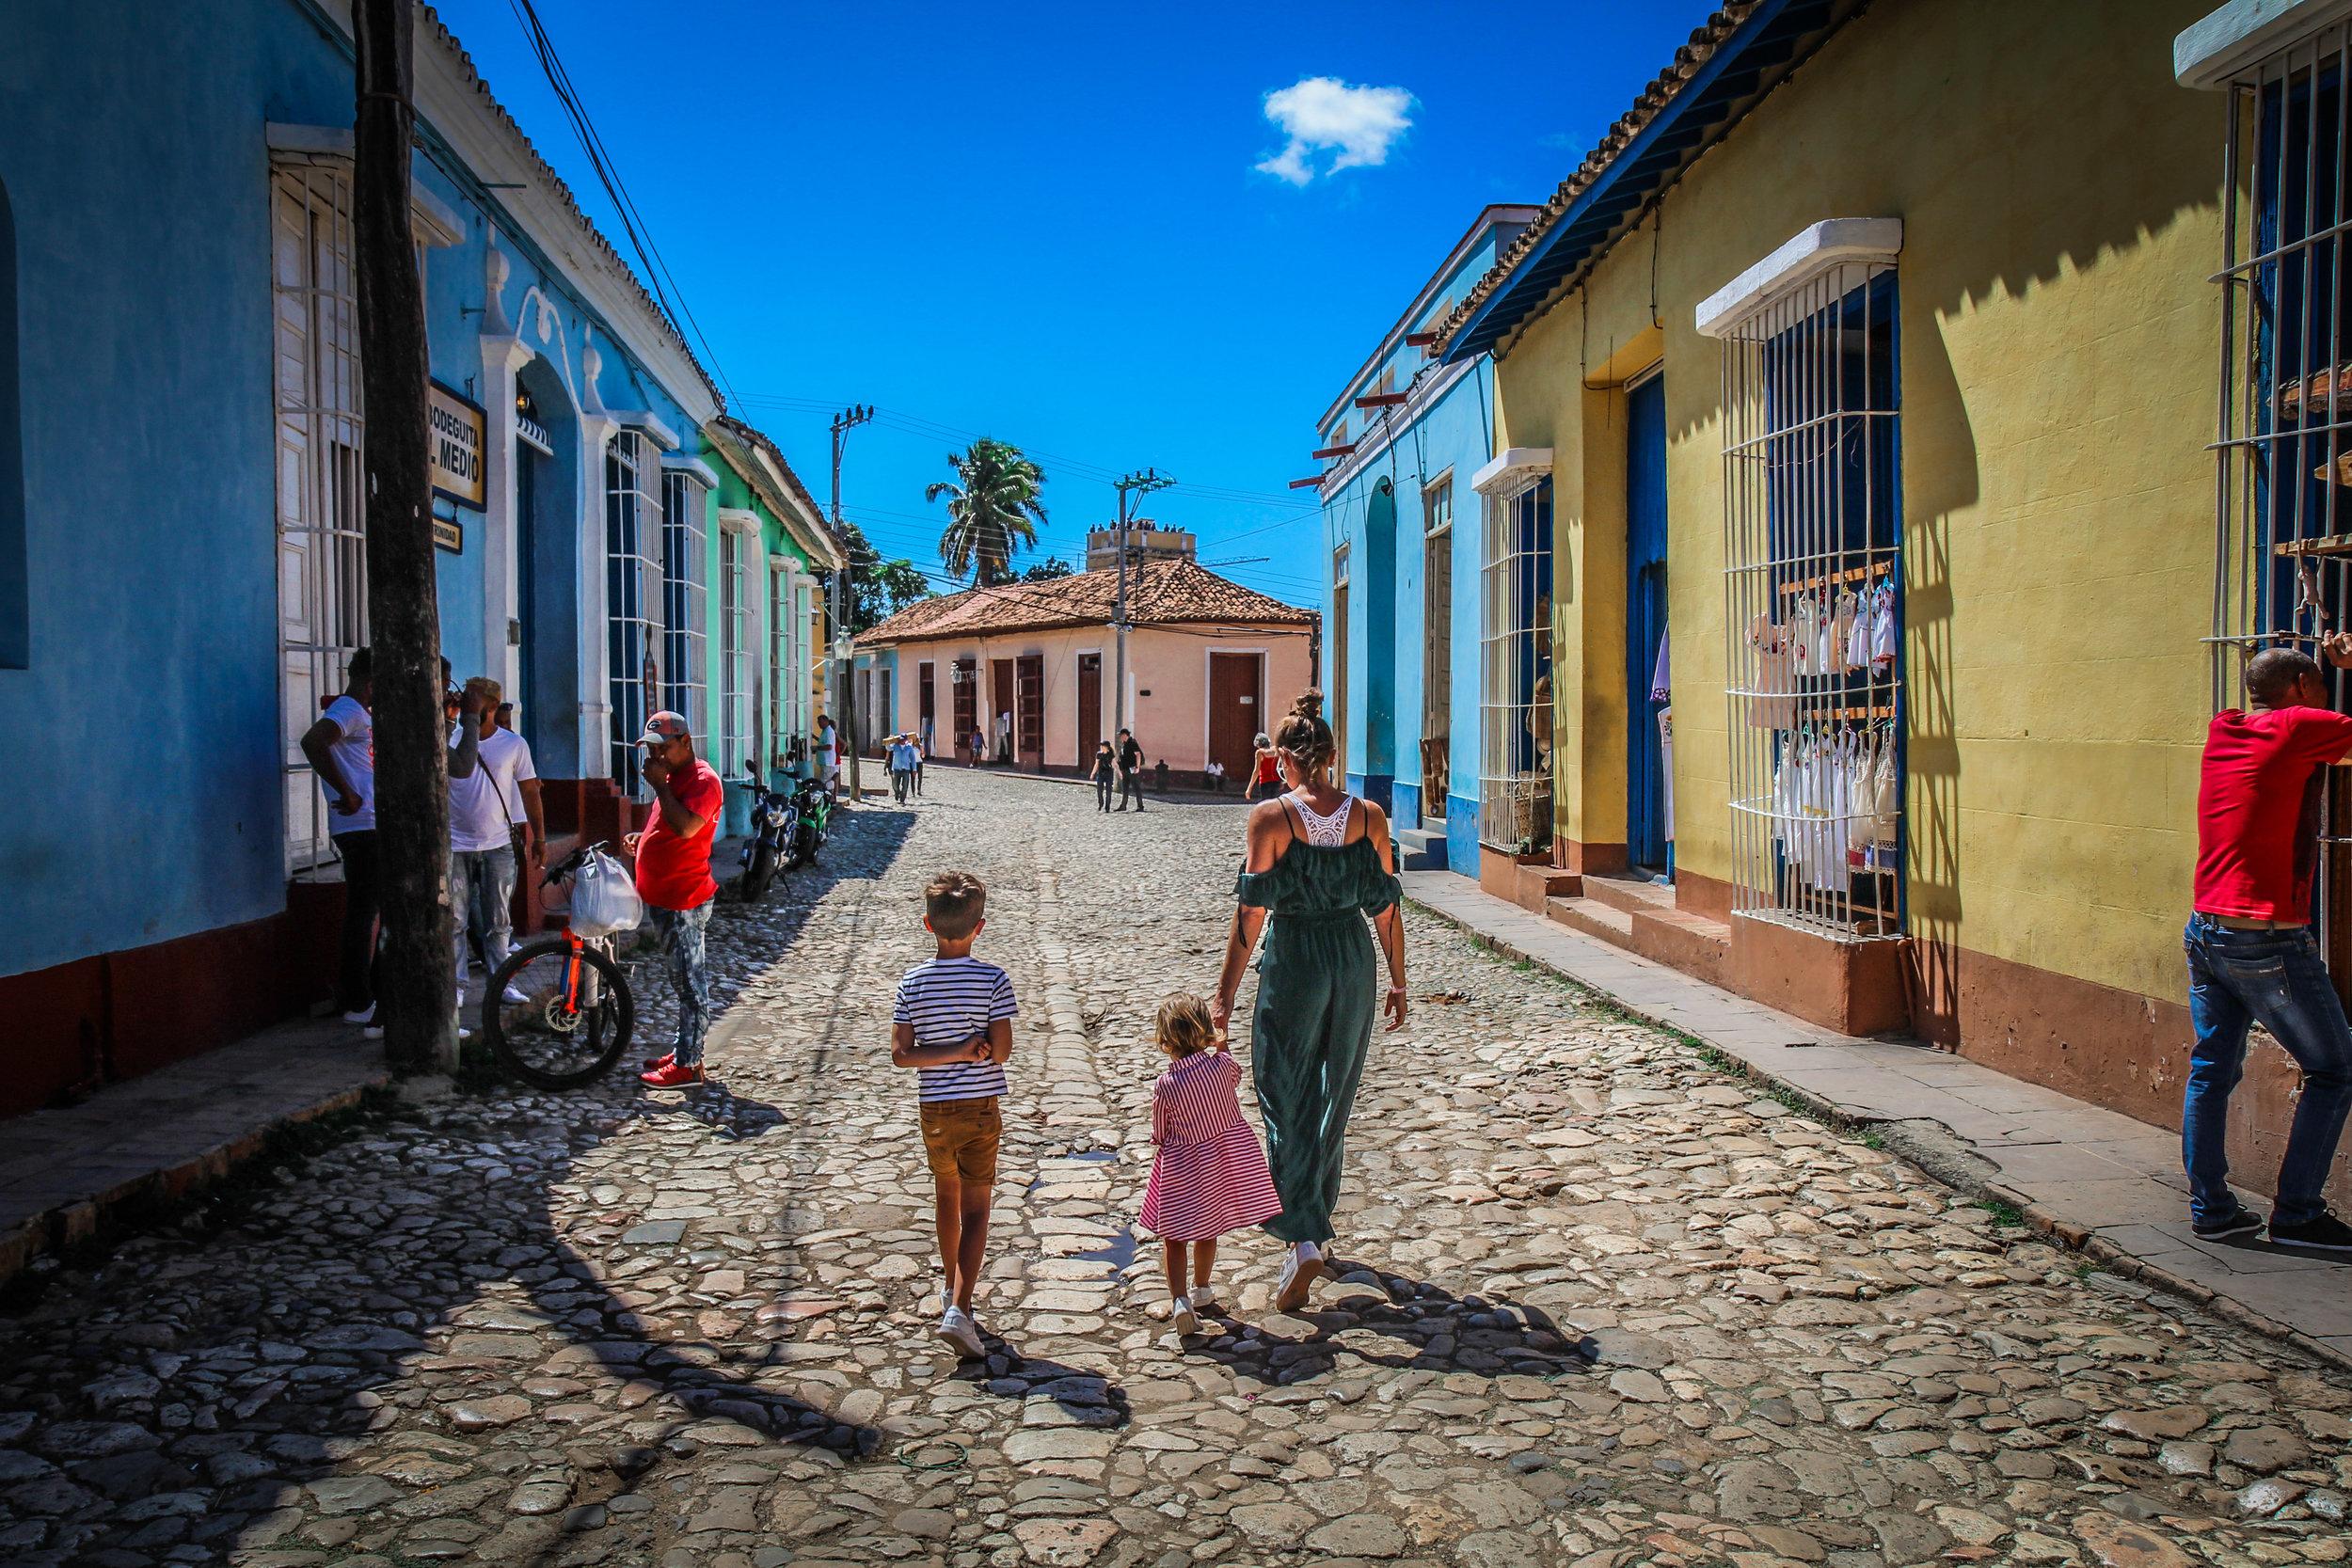 Cuba_trinidad_binnenland_Reizen_met_kinderen_withkidsontheroad-7.JPG